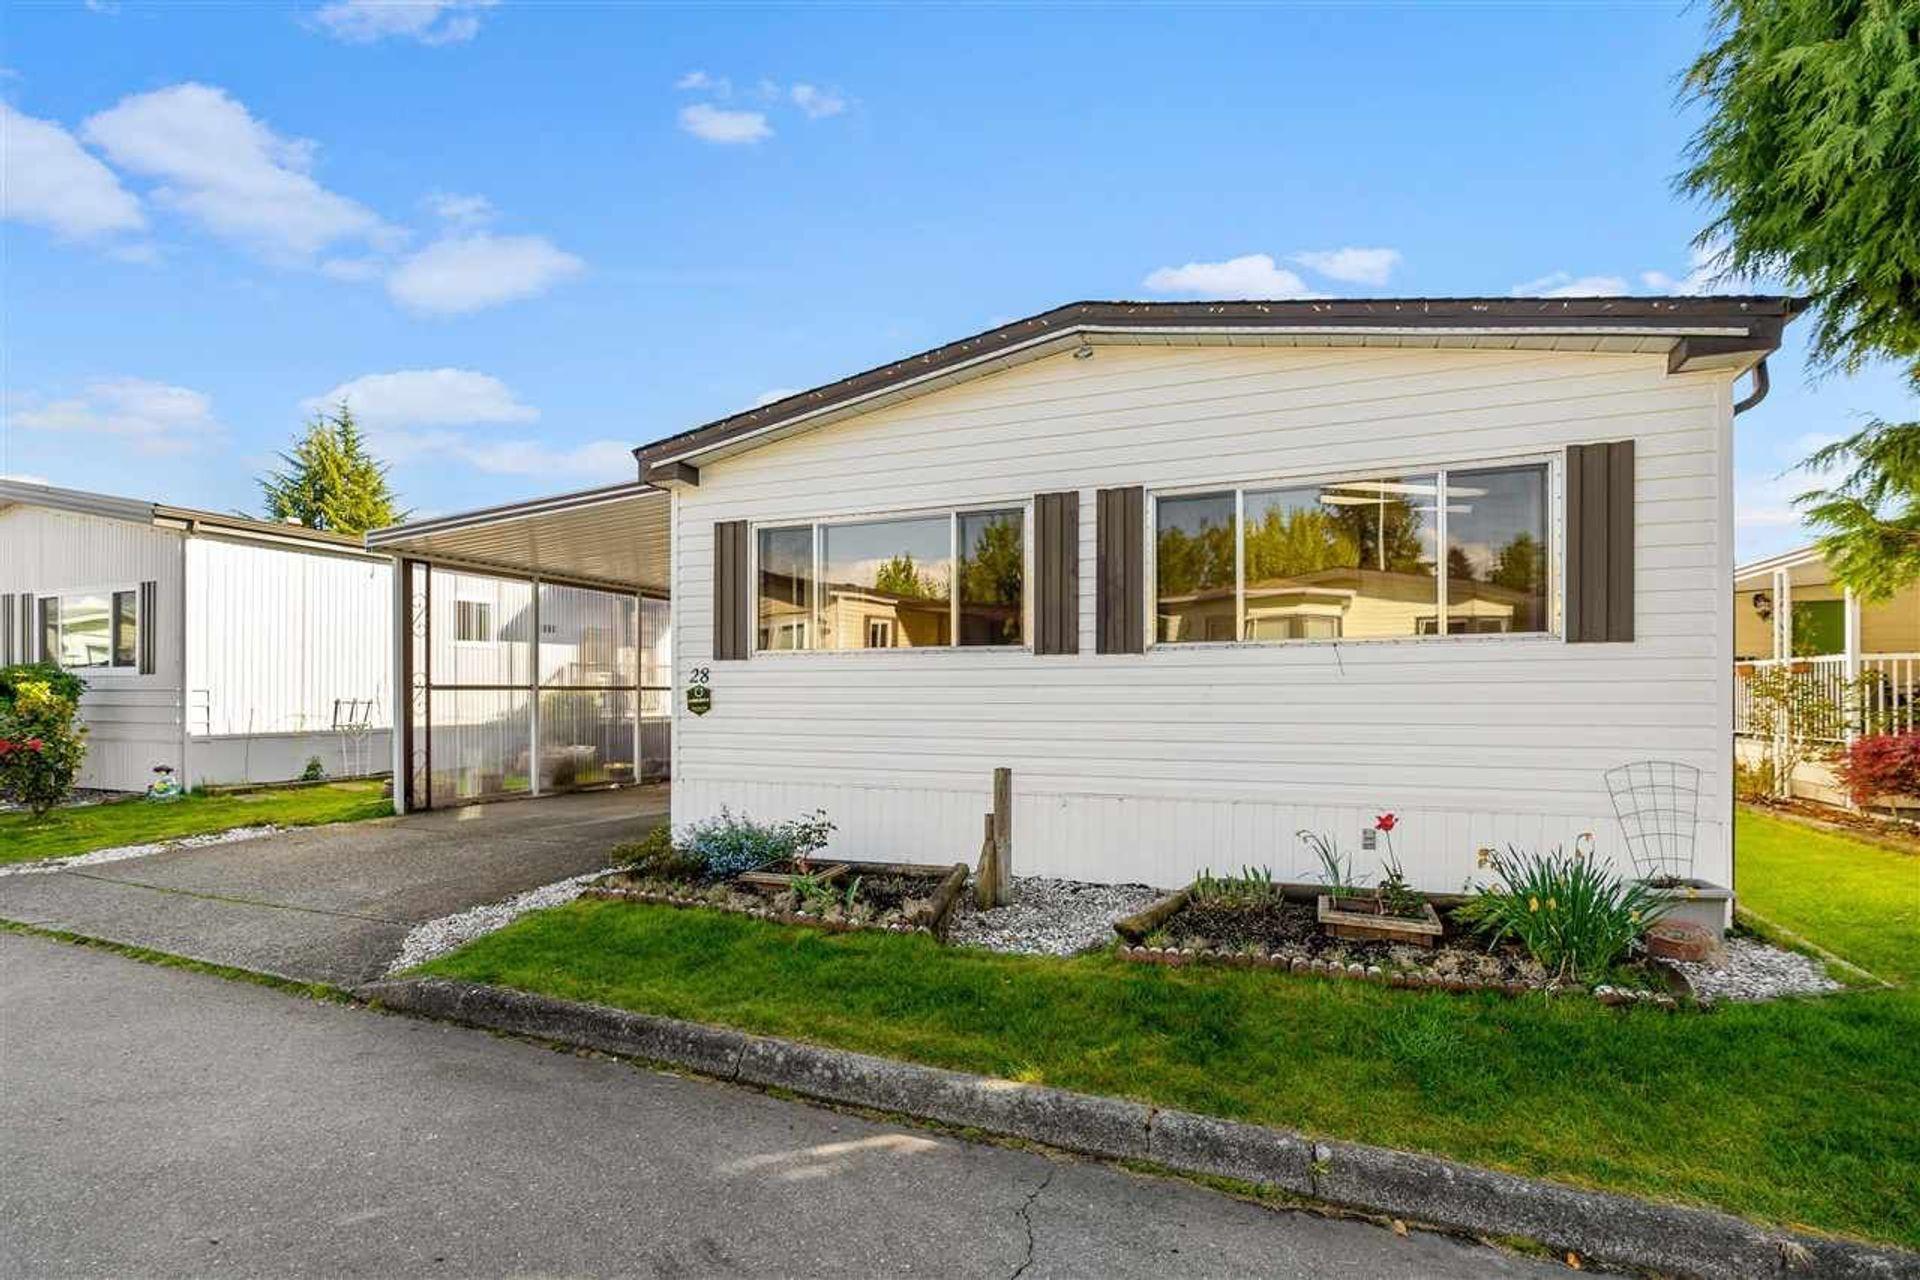 8670-156-street-fleetwood-tynehead-surrey-01-1 of 28 - 8670 156 Street, Fleetwood Tynehead, Surrey